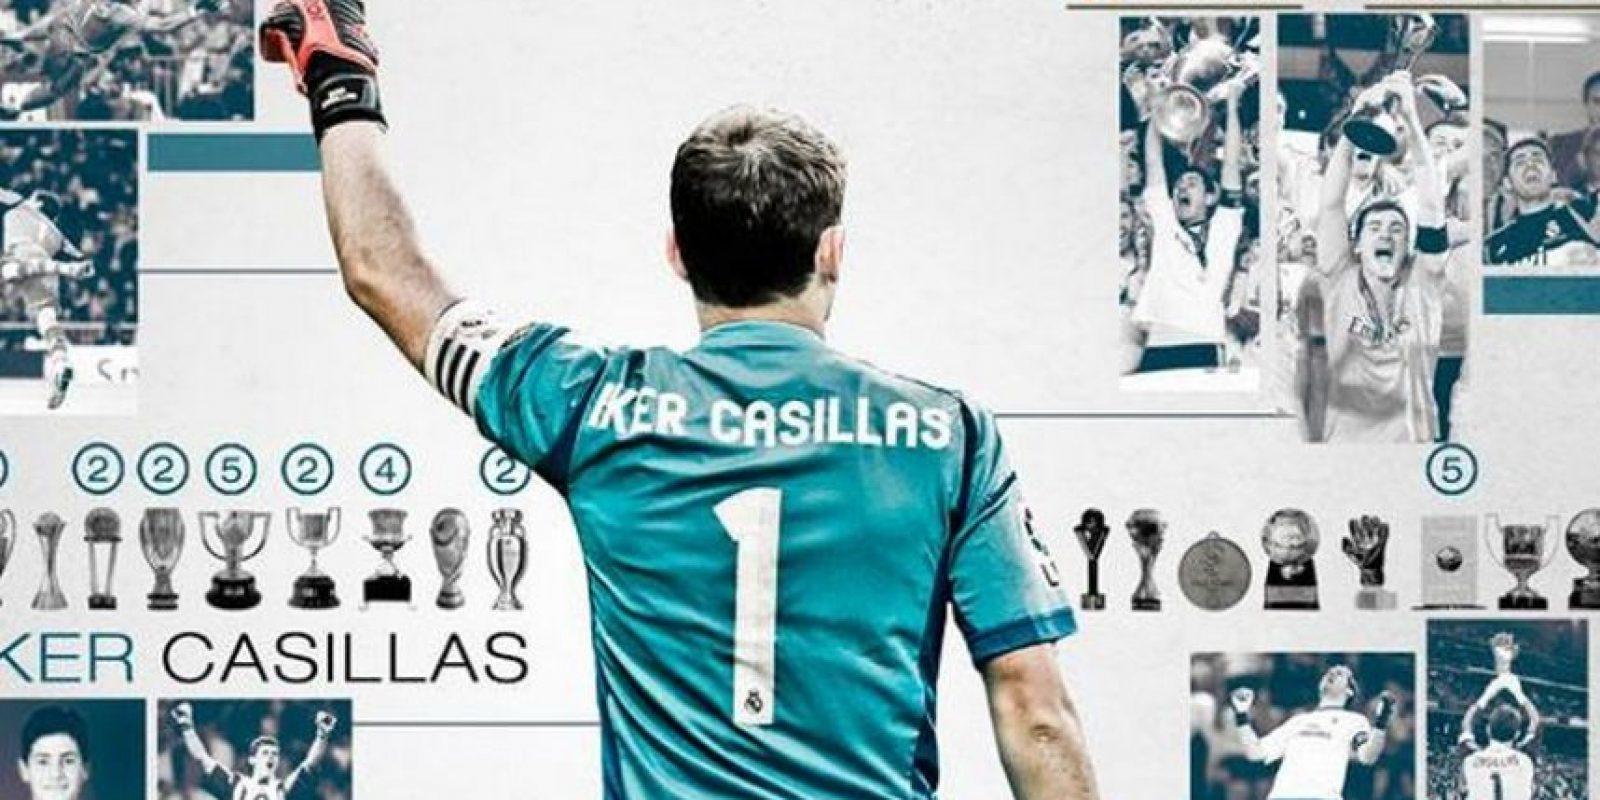 Iker Casillas se va del Real Madrid. Foto:twitter.com/realmadrid